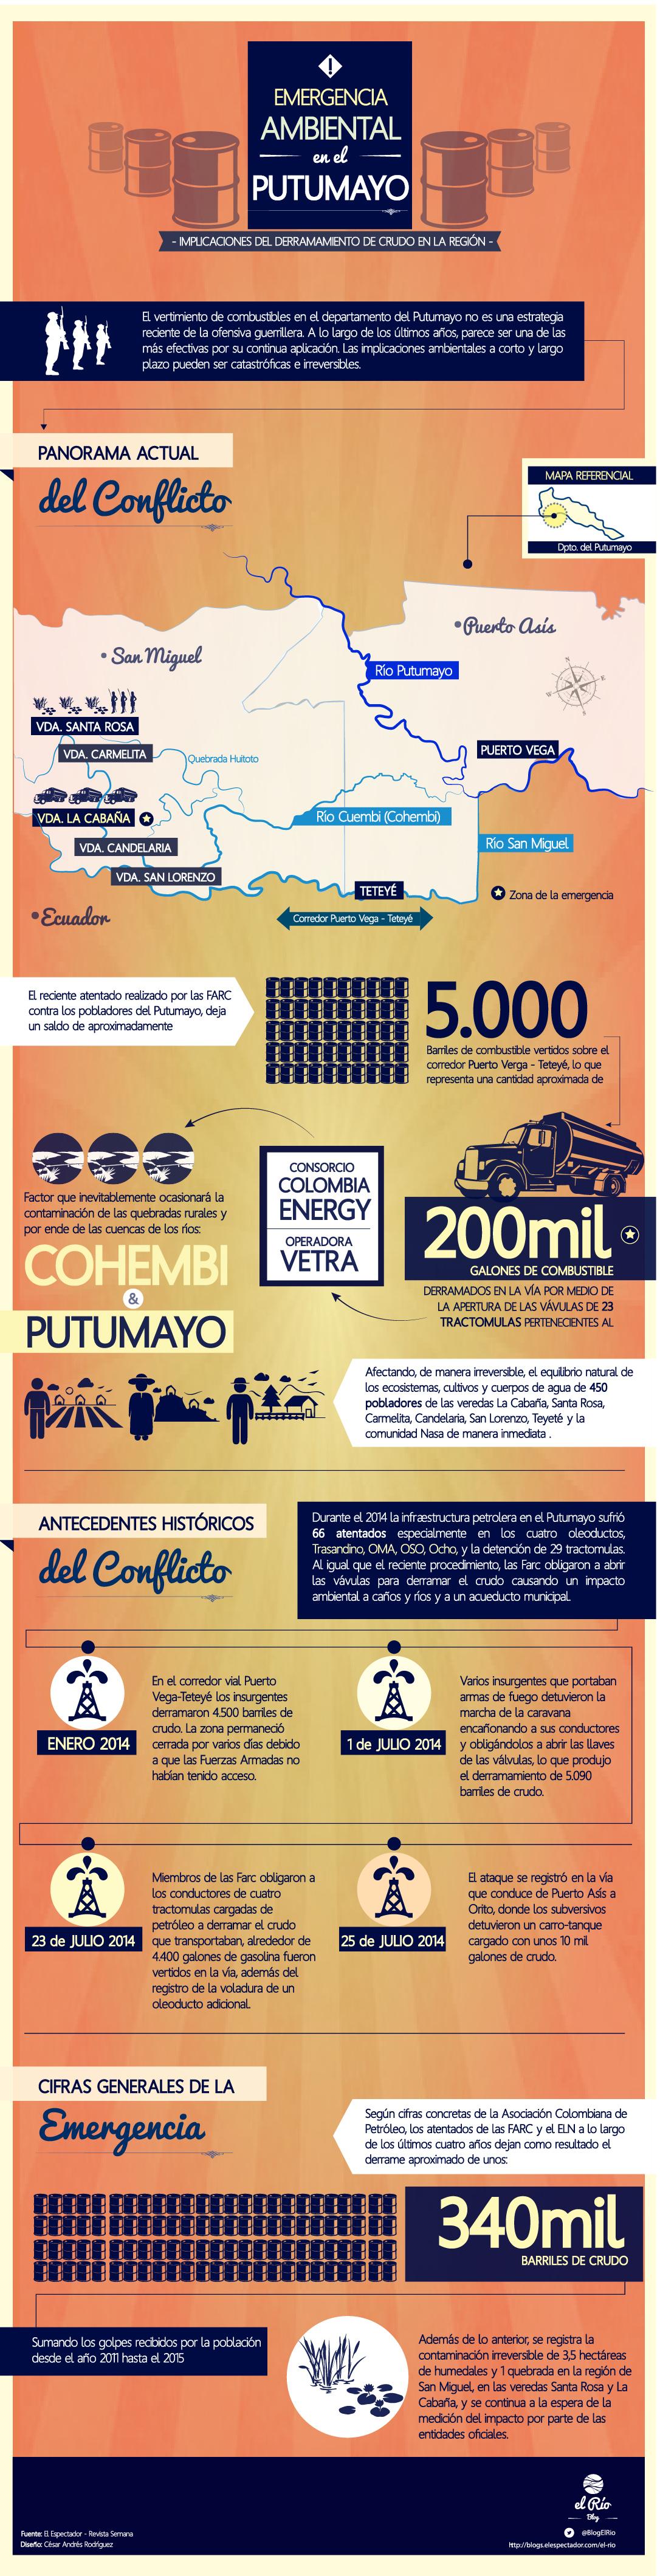 InfografíaEmergenciaPutumayo-01